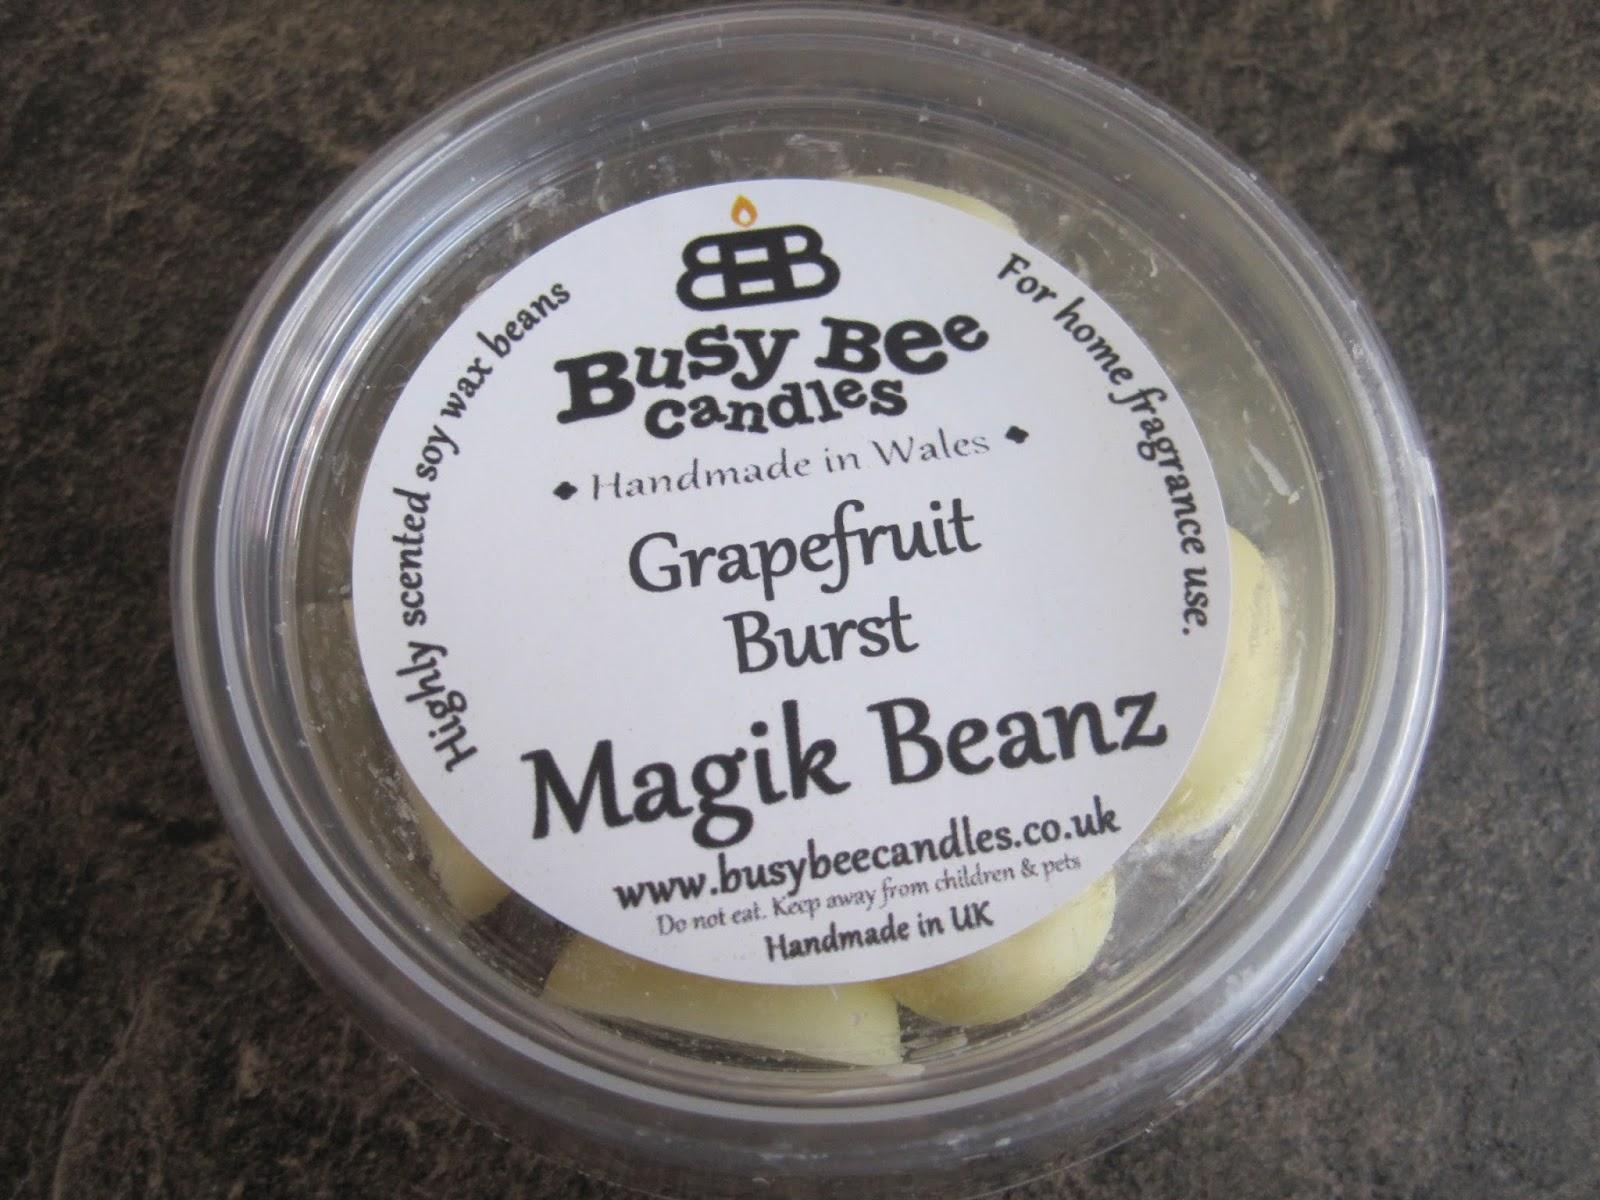 Busy Bee Candles - dawka aromatycznych zapachów